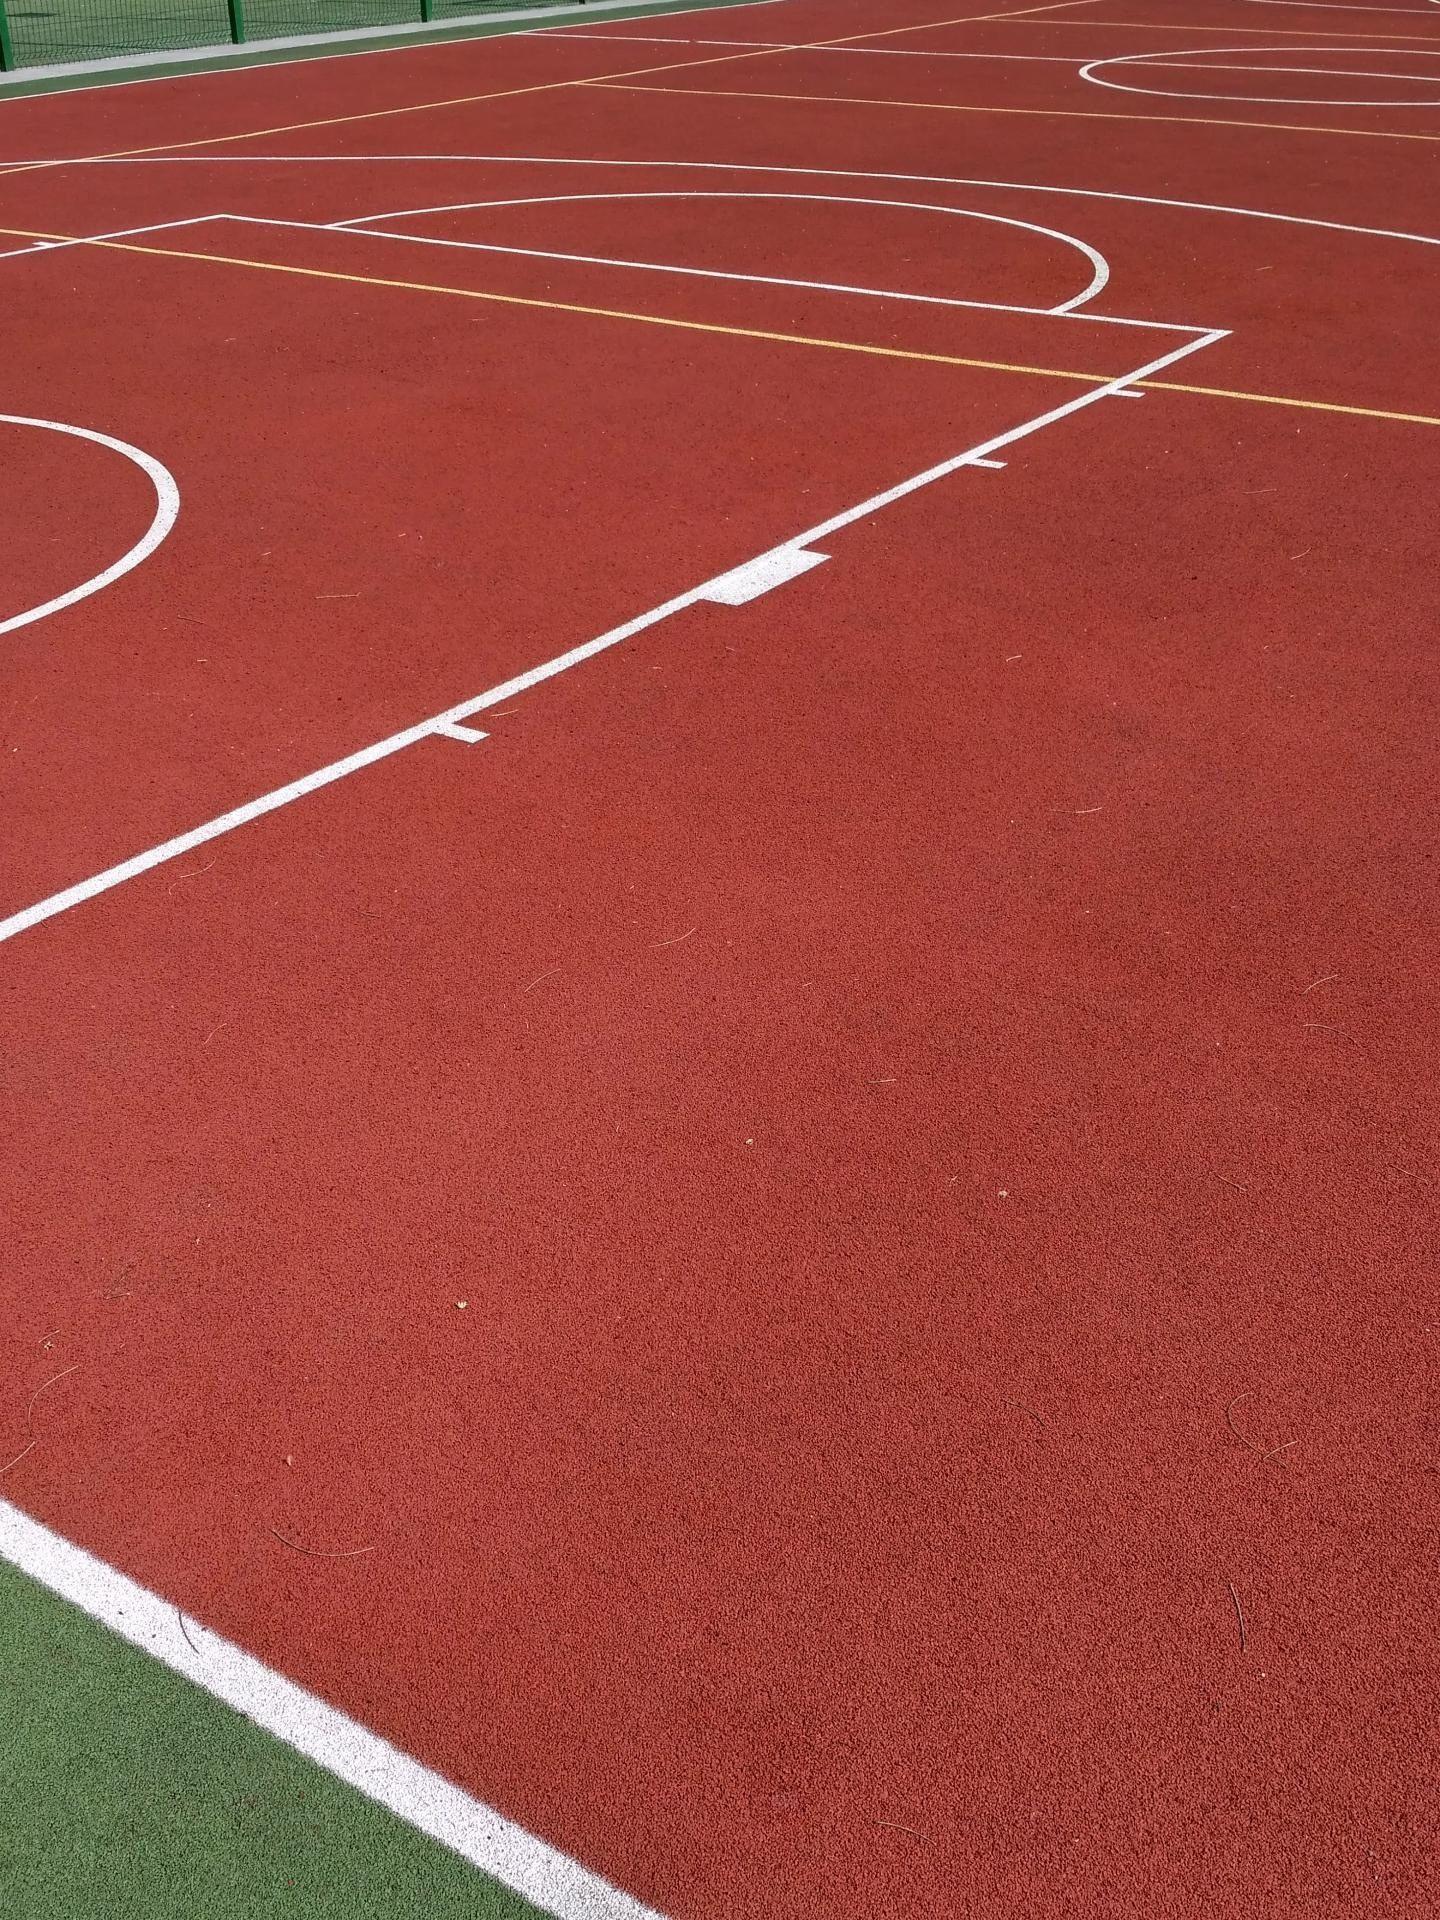 Наливні ризино - поліуретанові покриття для спортивних майданчиків